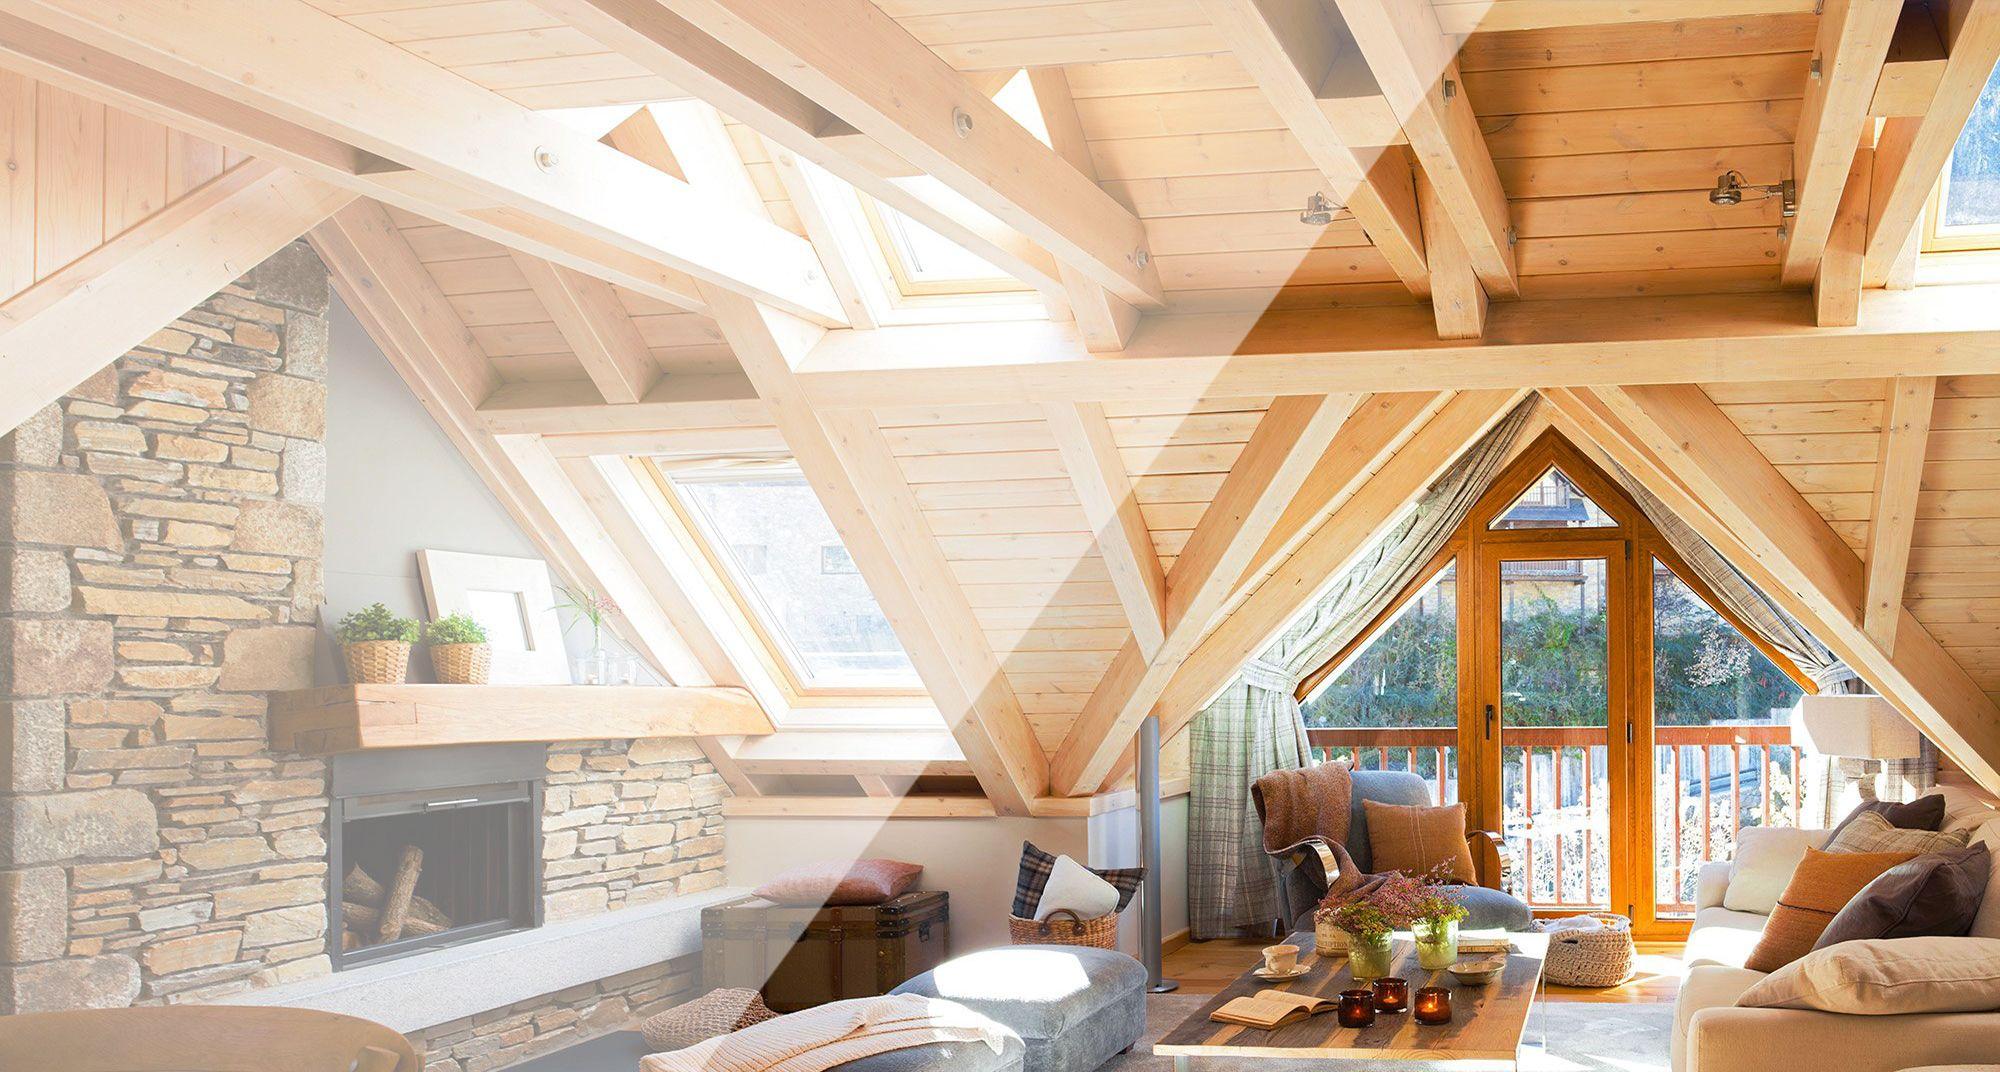 Amore legnami srl tetti in legno strutture in legno for Faelux srl finestra per tetti